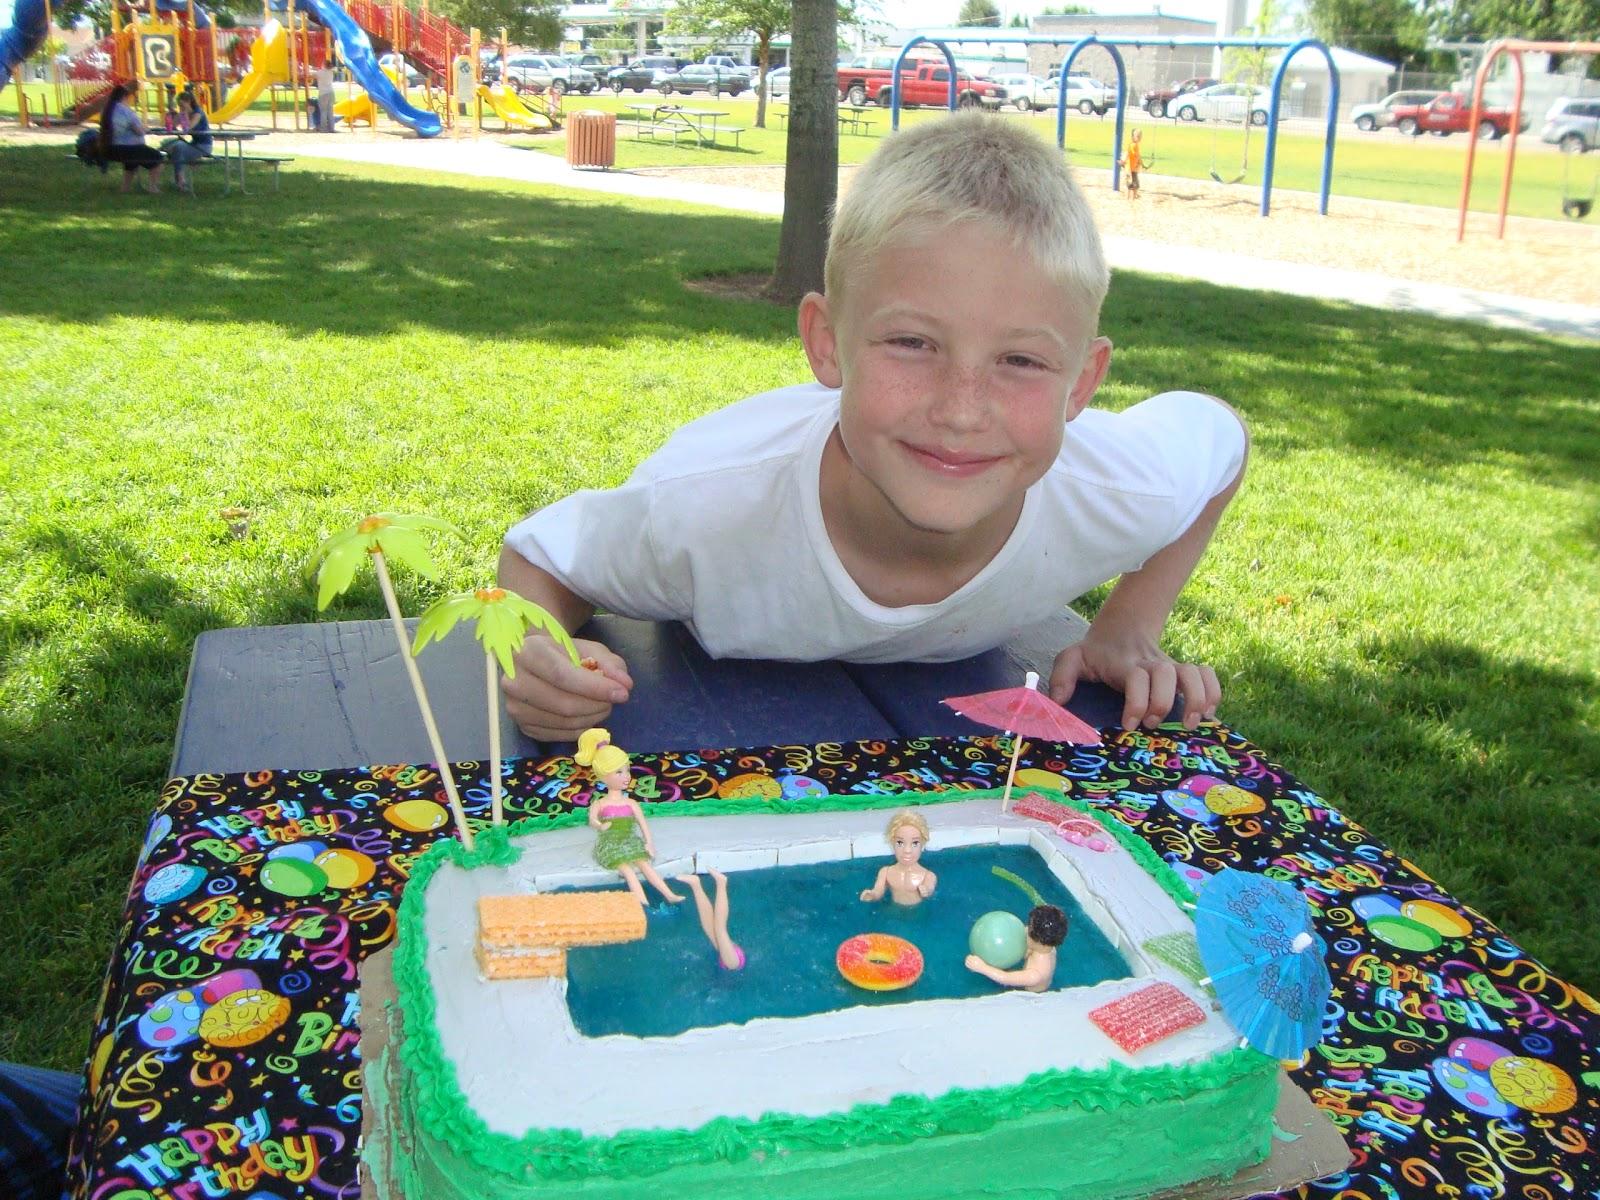 The Creative Homemaker Swimming Pool Birthday Cake